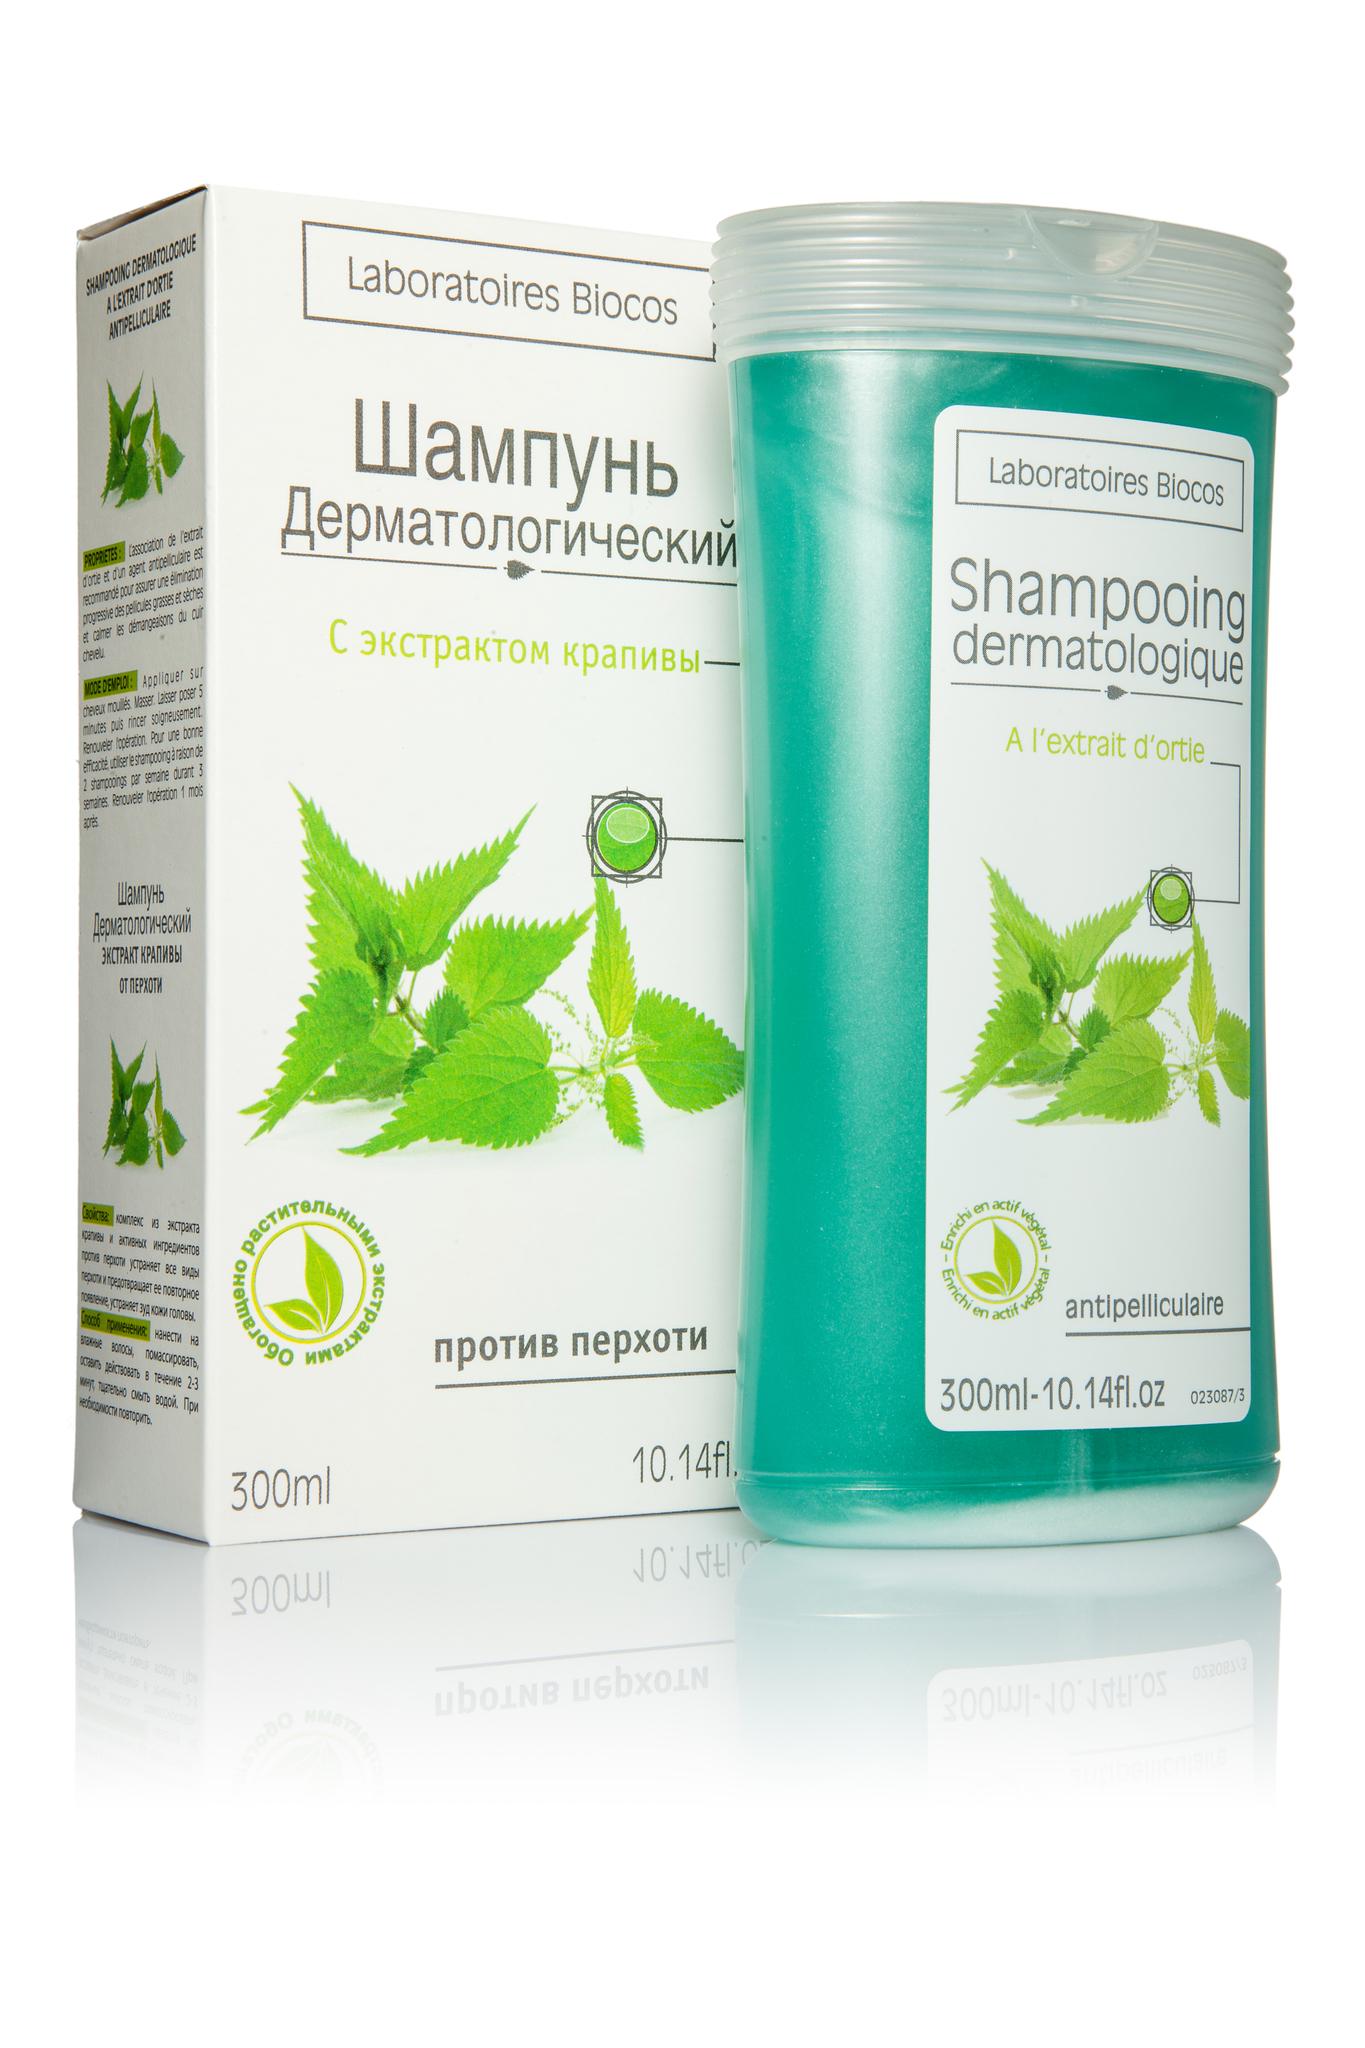 Дерматология шампунь с крапивой 300 мл.